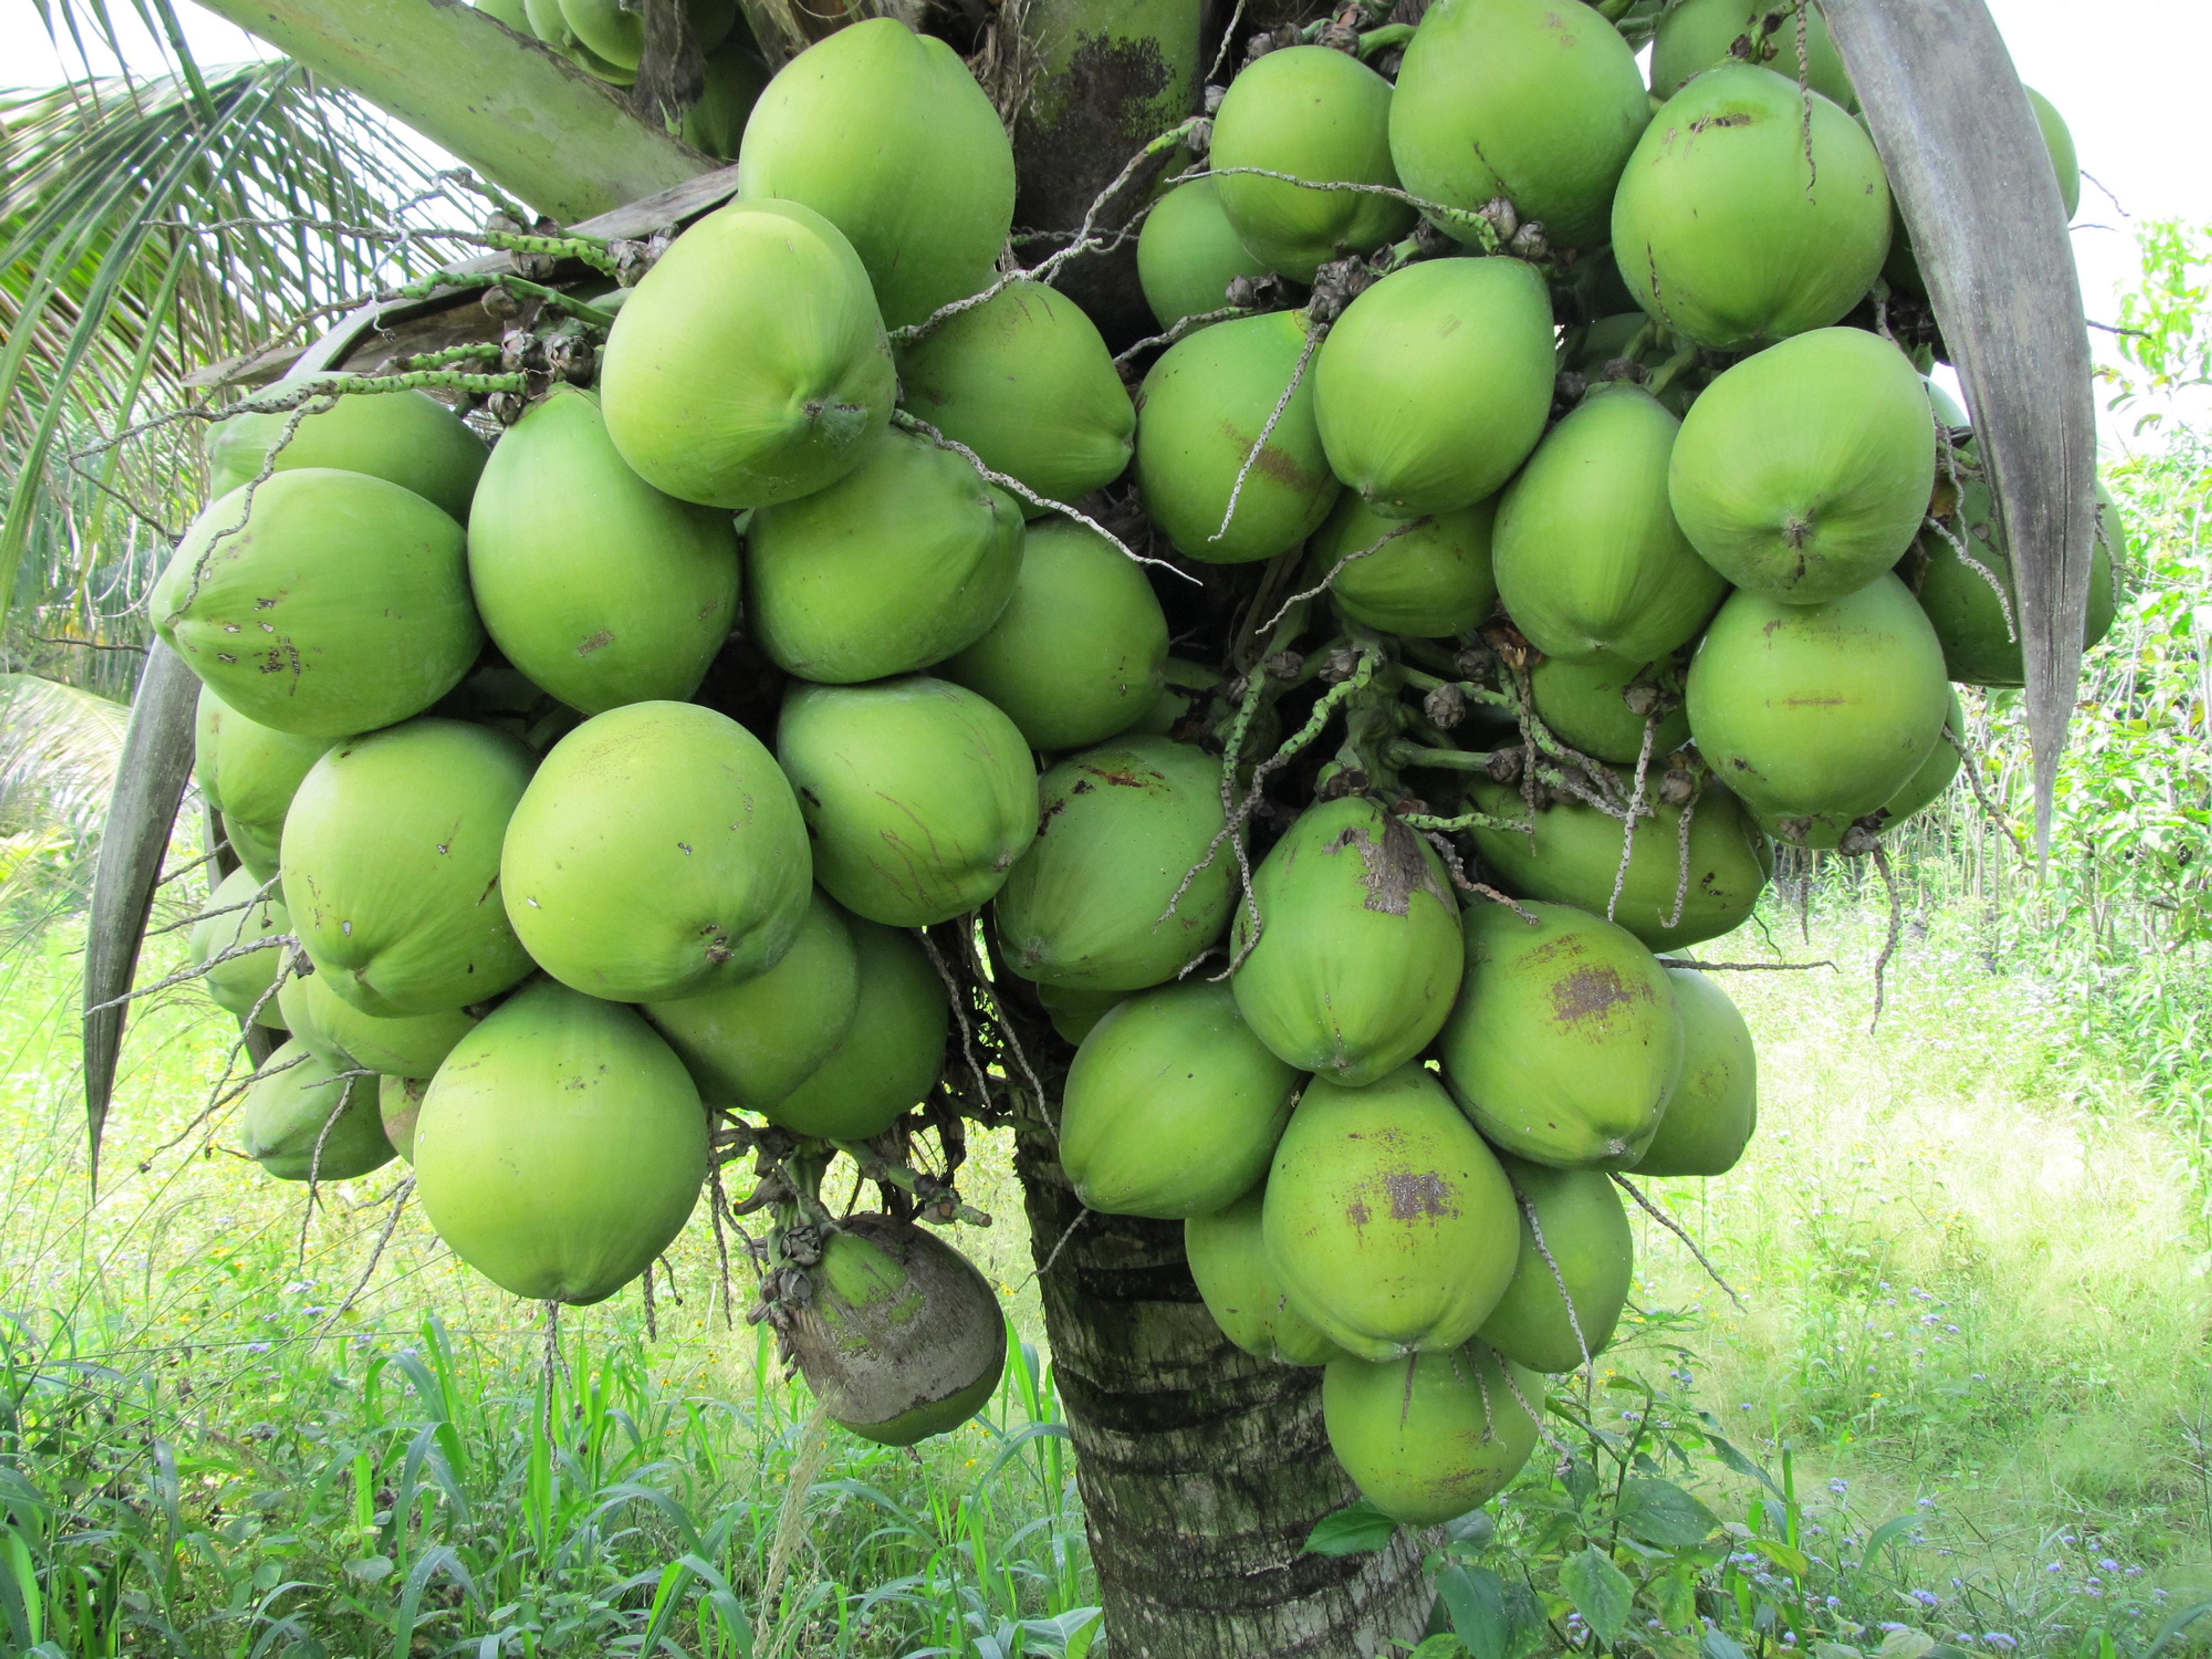 Vivero monte lindo el salvador rboles frutales for Viveros frutales